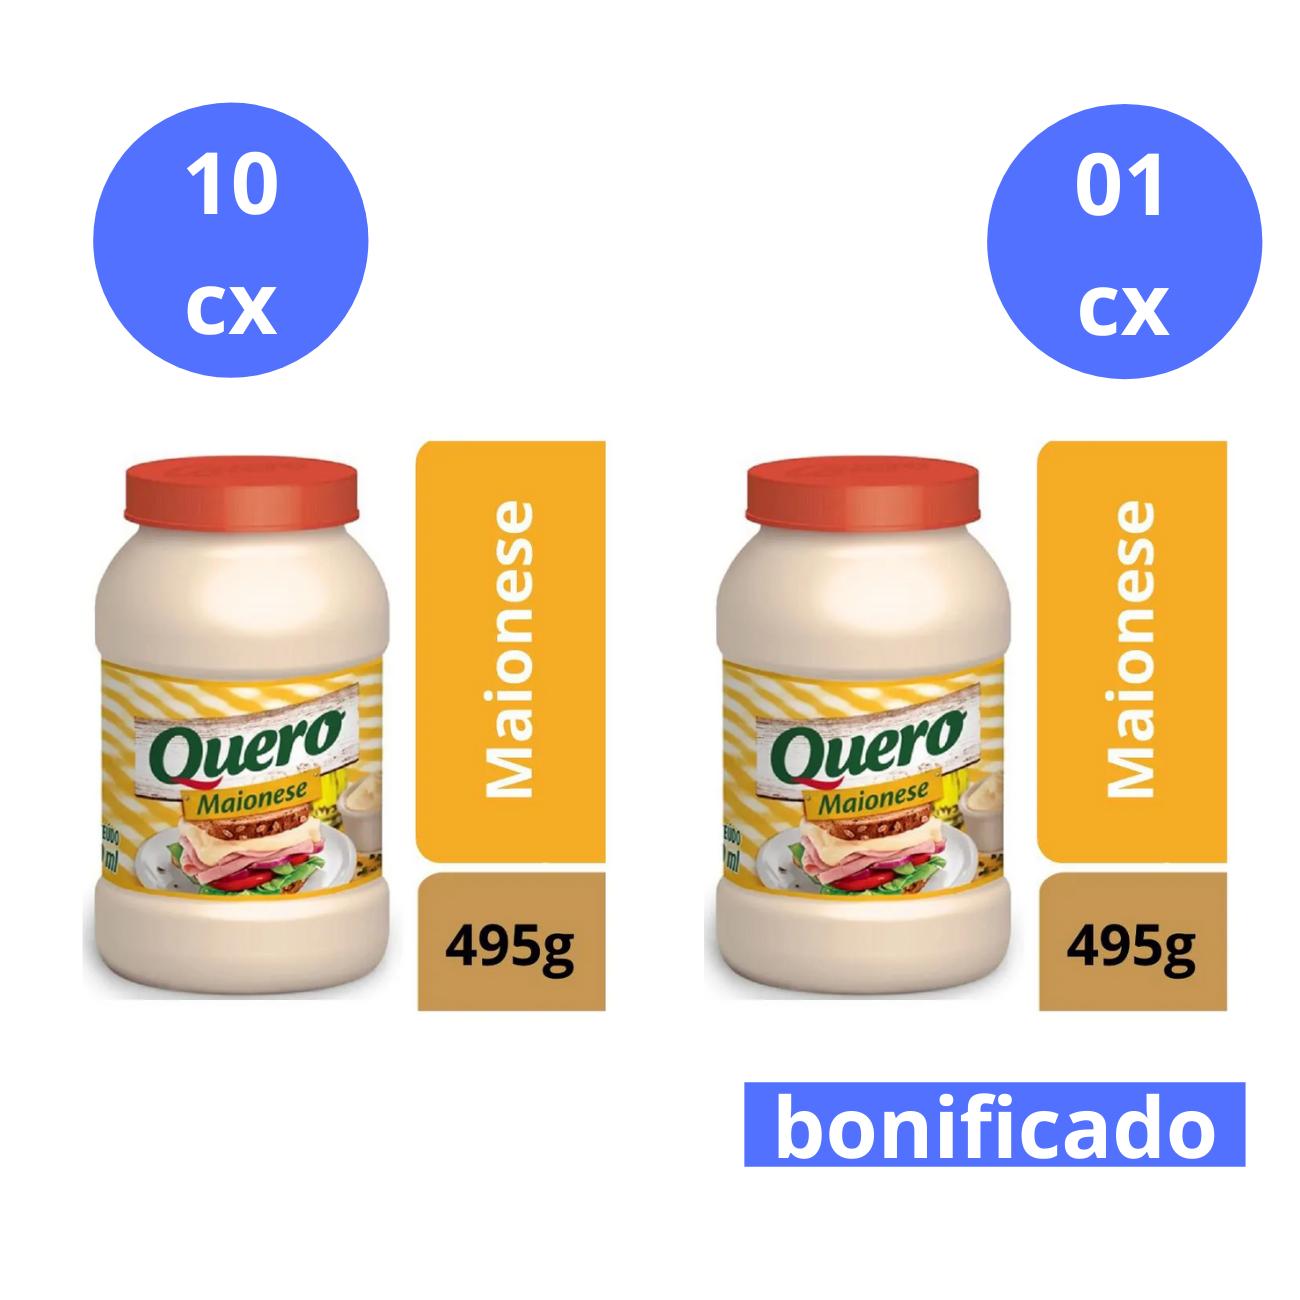 Compre 10 cx (12 un cada) de Maionese Quero 495g e Ganhe 1 cx do mesmo item